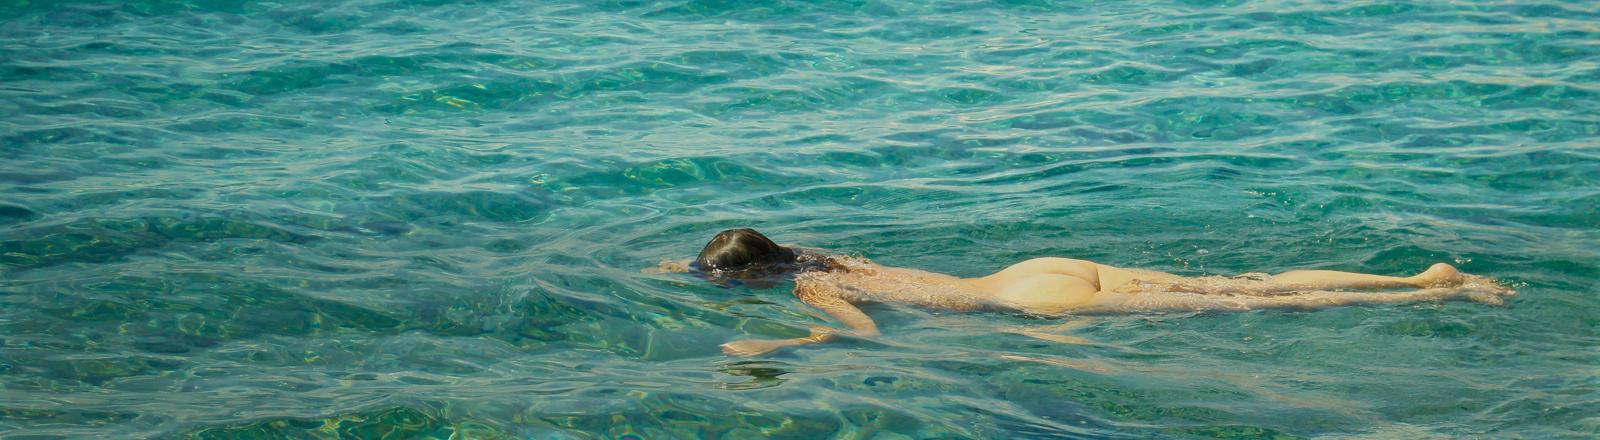 Eine nackte Frau schwimmt im Wasser.